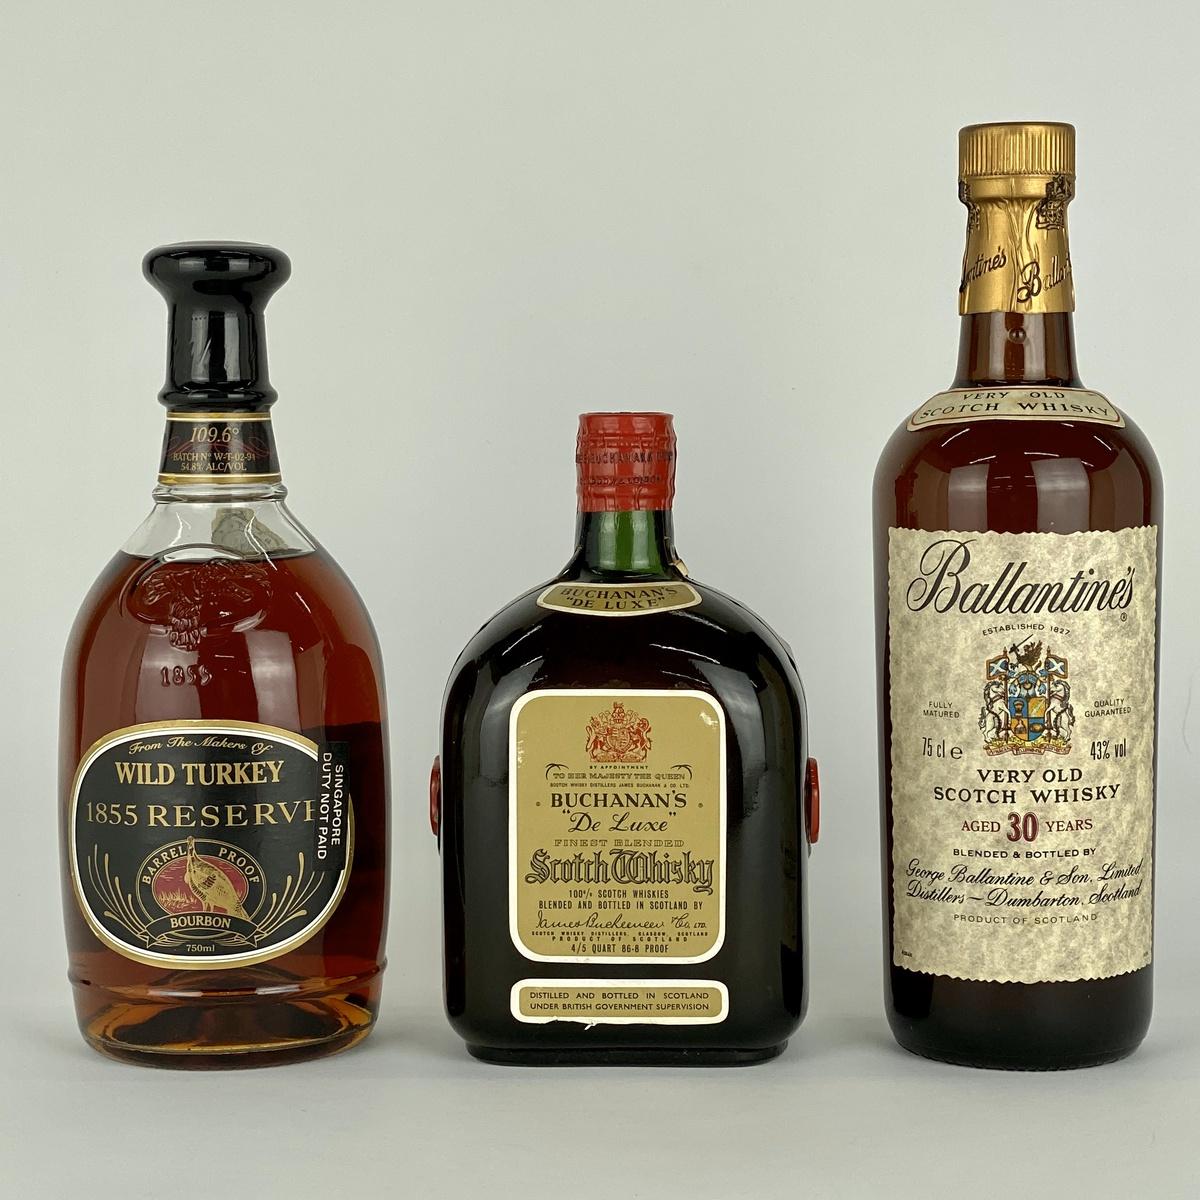 バランタイン ワイルドターキー ブキャナン 3本 ウイスキー セット 【古酒】